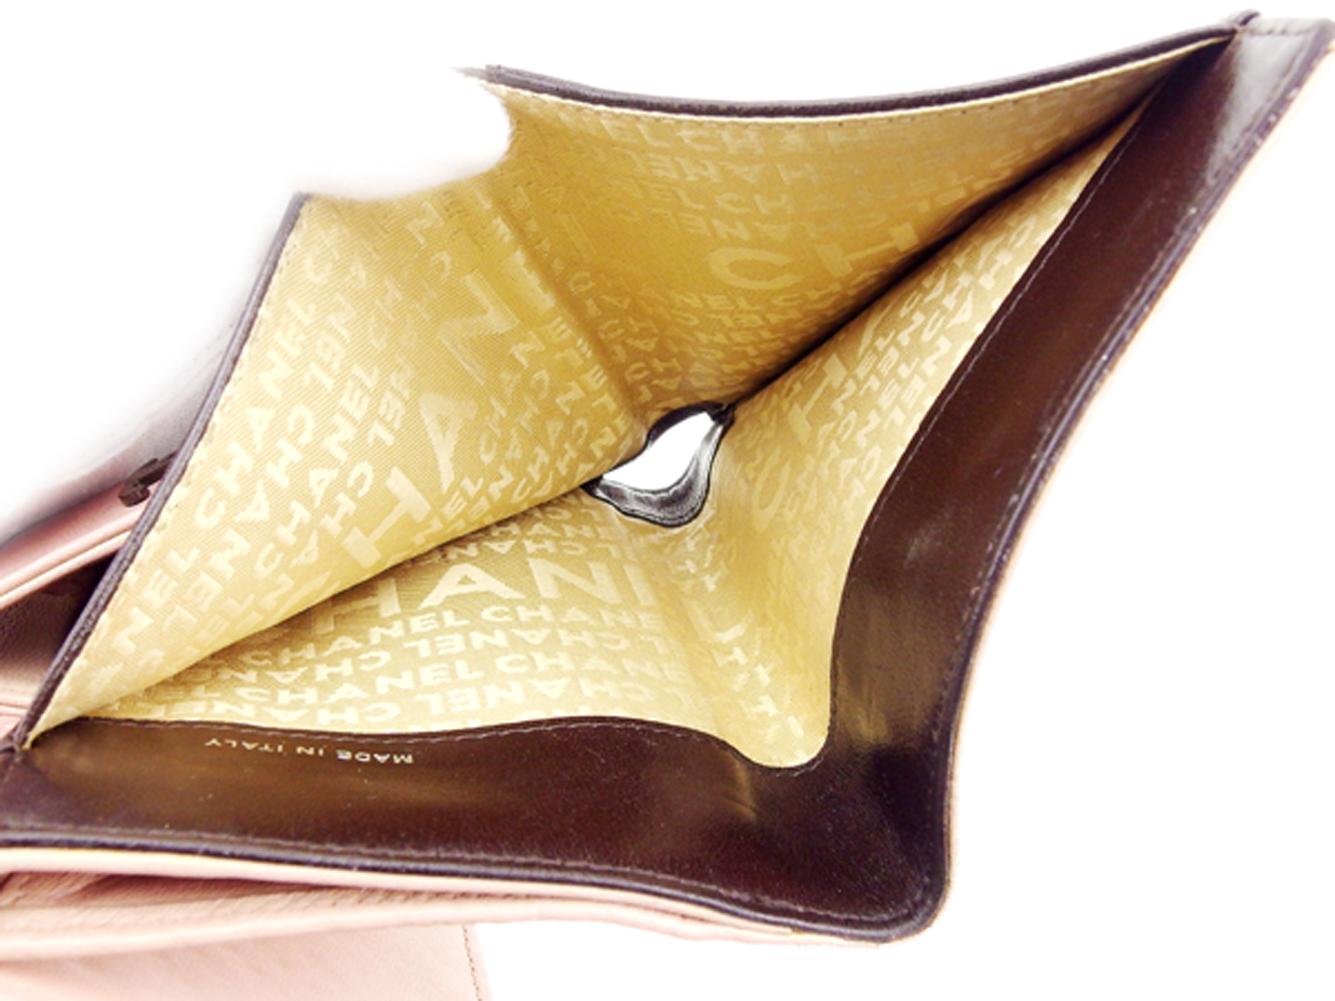 ヴィンテージ T7506 チョコバー CHANEL 財布 レディース ブラウン レザー 【中古】 二つ折り Wホック 人気 ピンク シャネル 財布